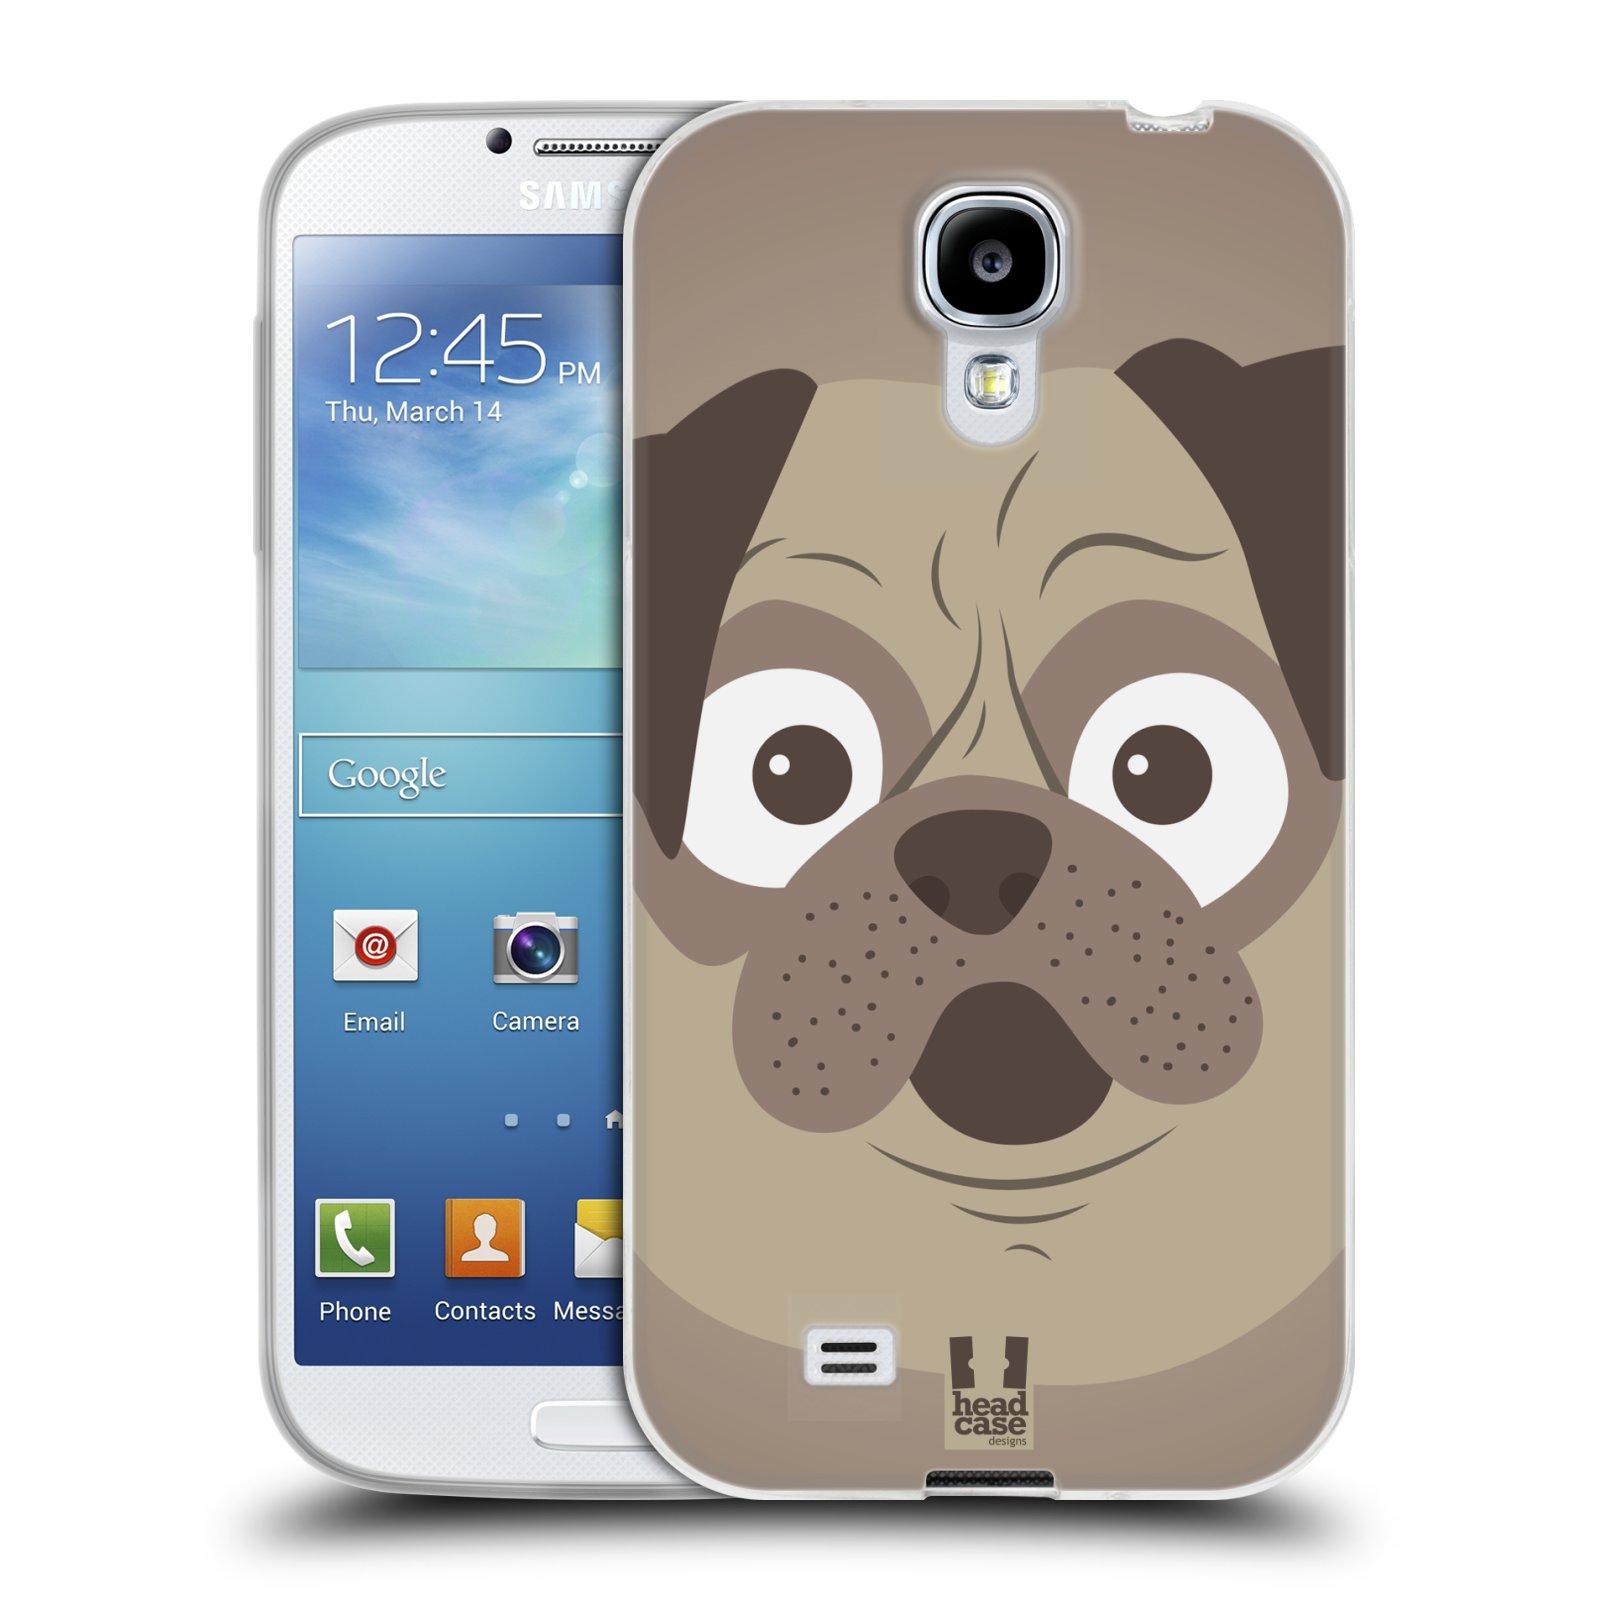 HEAD CASE silikonový obal na mobil Samsung Galaxy S4 i9500 vzor Cartoon Karikatura barevná kreslená zvířátka pes mopsík